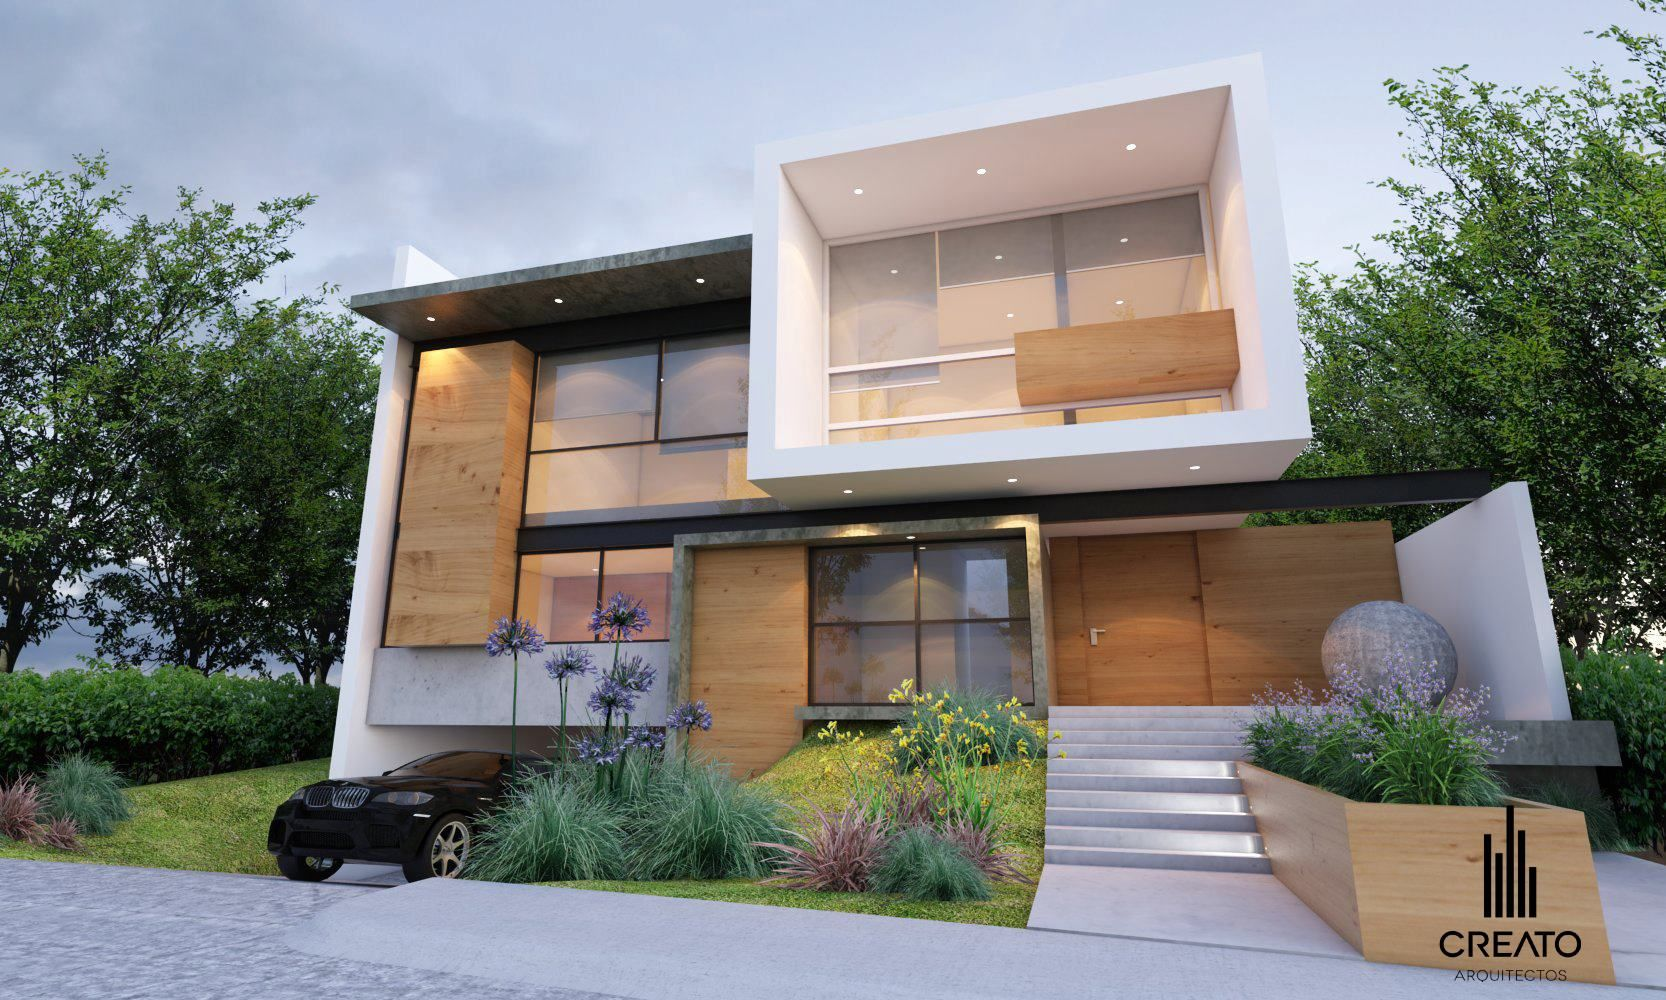 Fachadas creato arquitectos arch creato arquitectos mexico pinterest - Arquitectos casas modernas ...